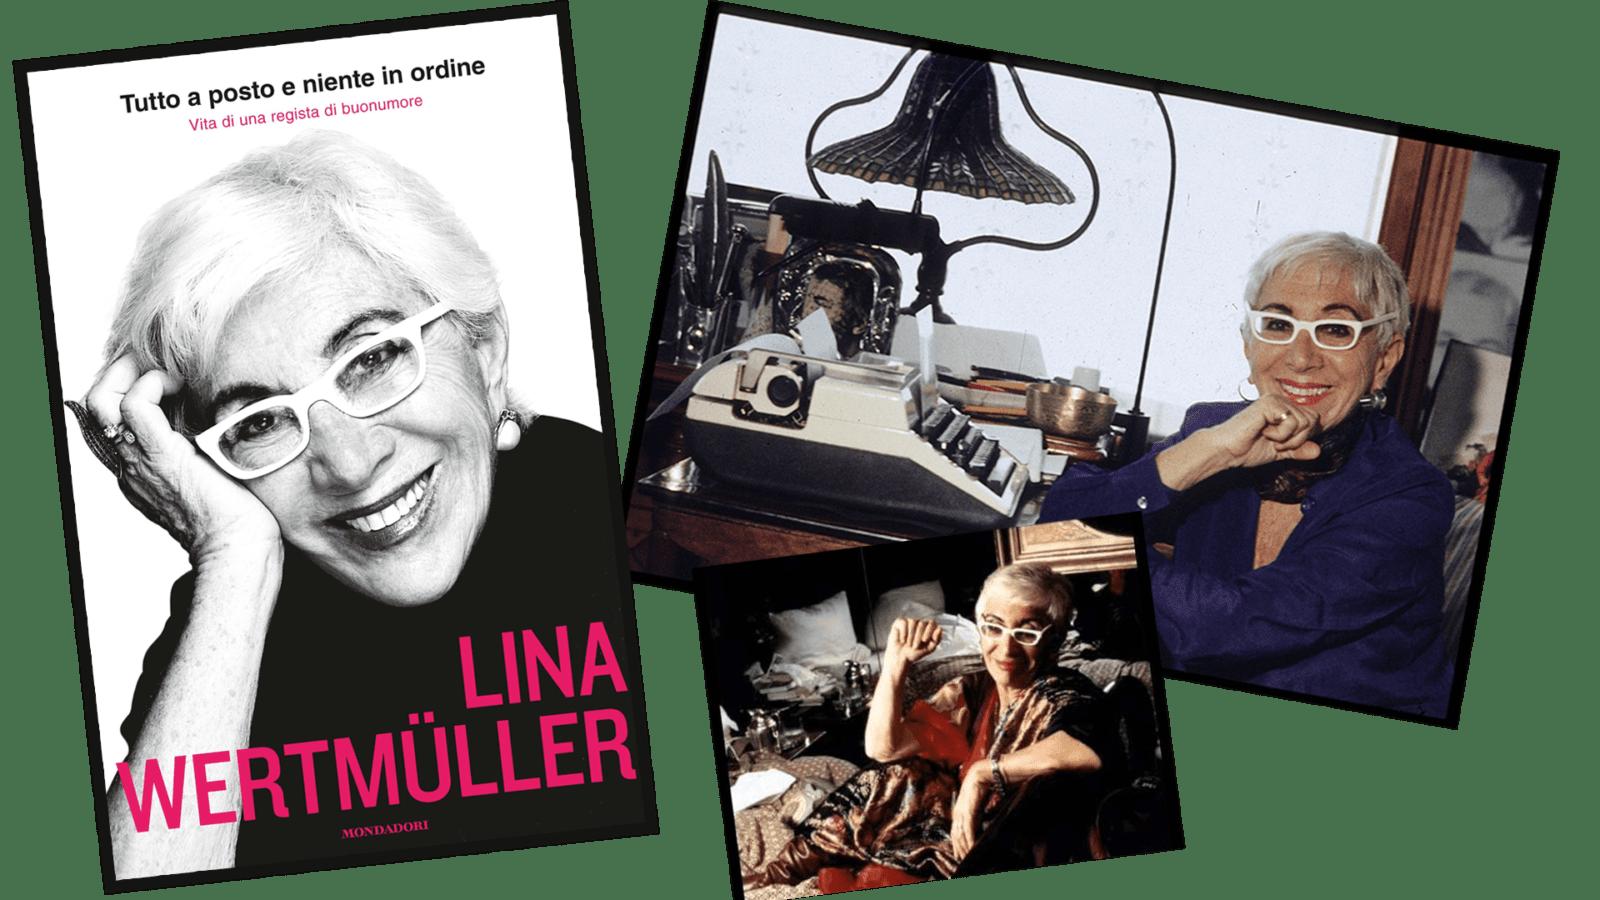 Libro di Lina Wertmuller, tutto a posto e niente in ordine